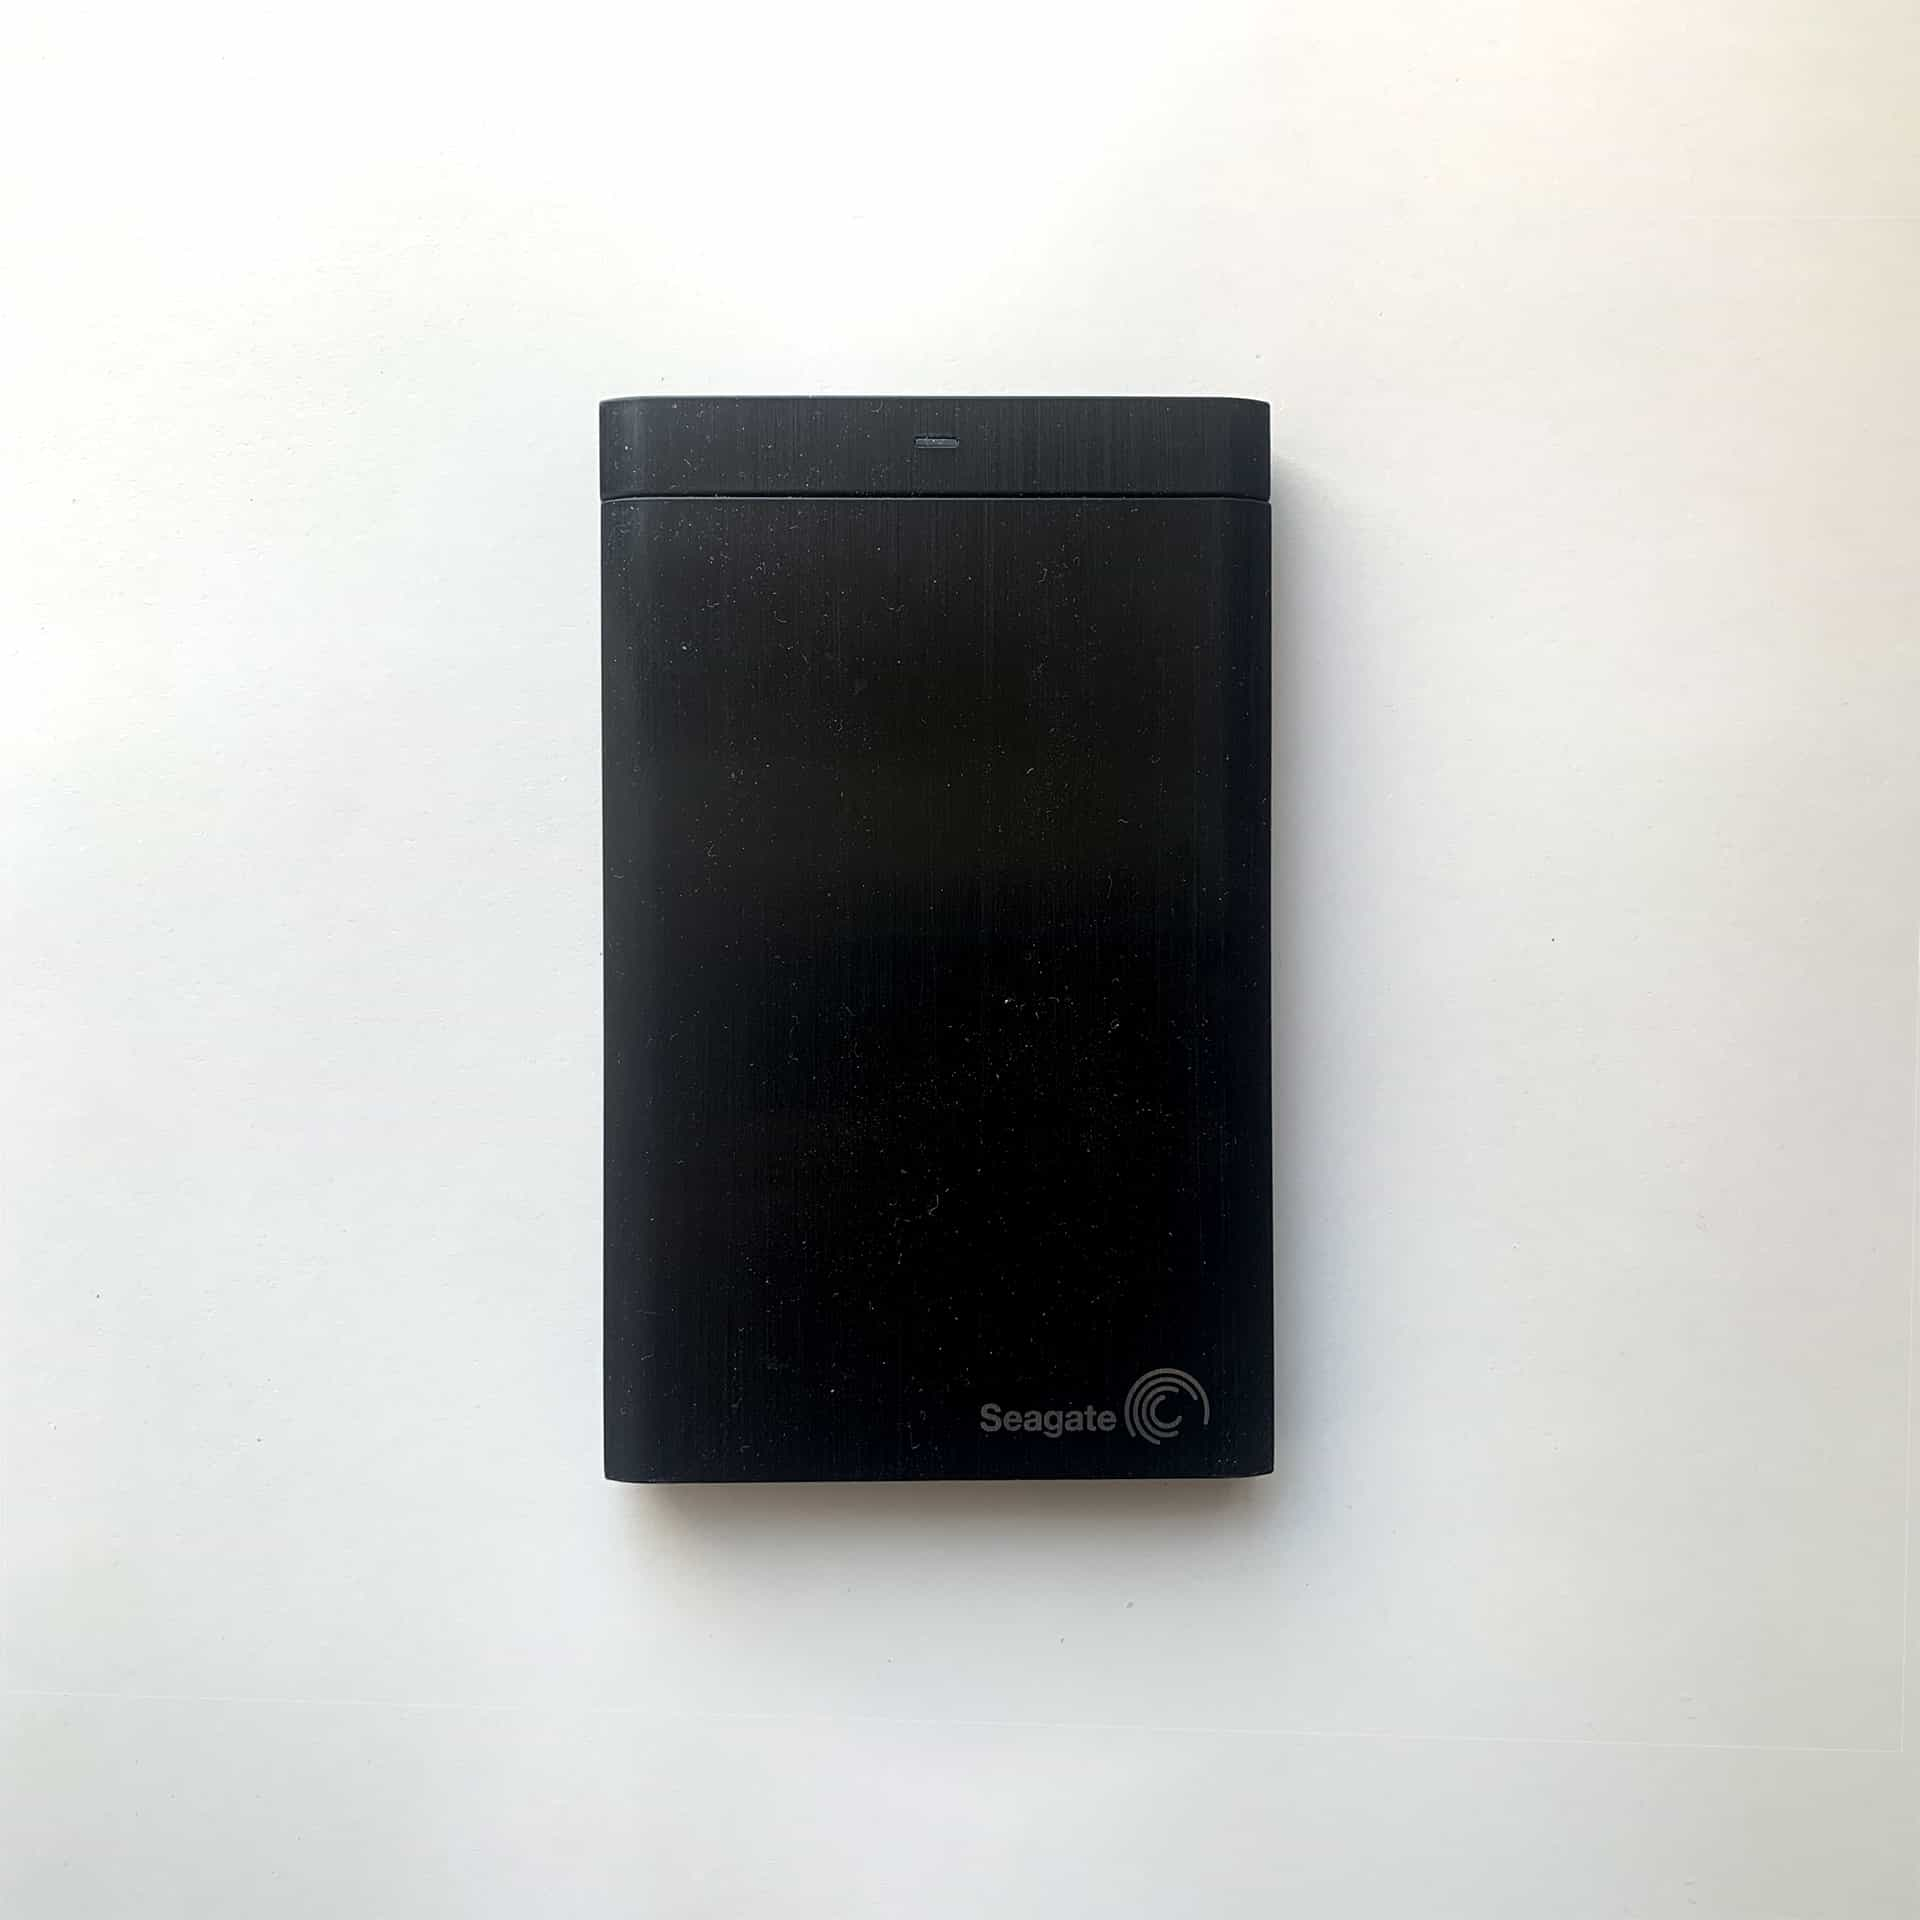 Segate Portable HD